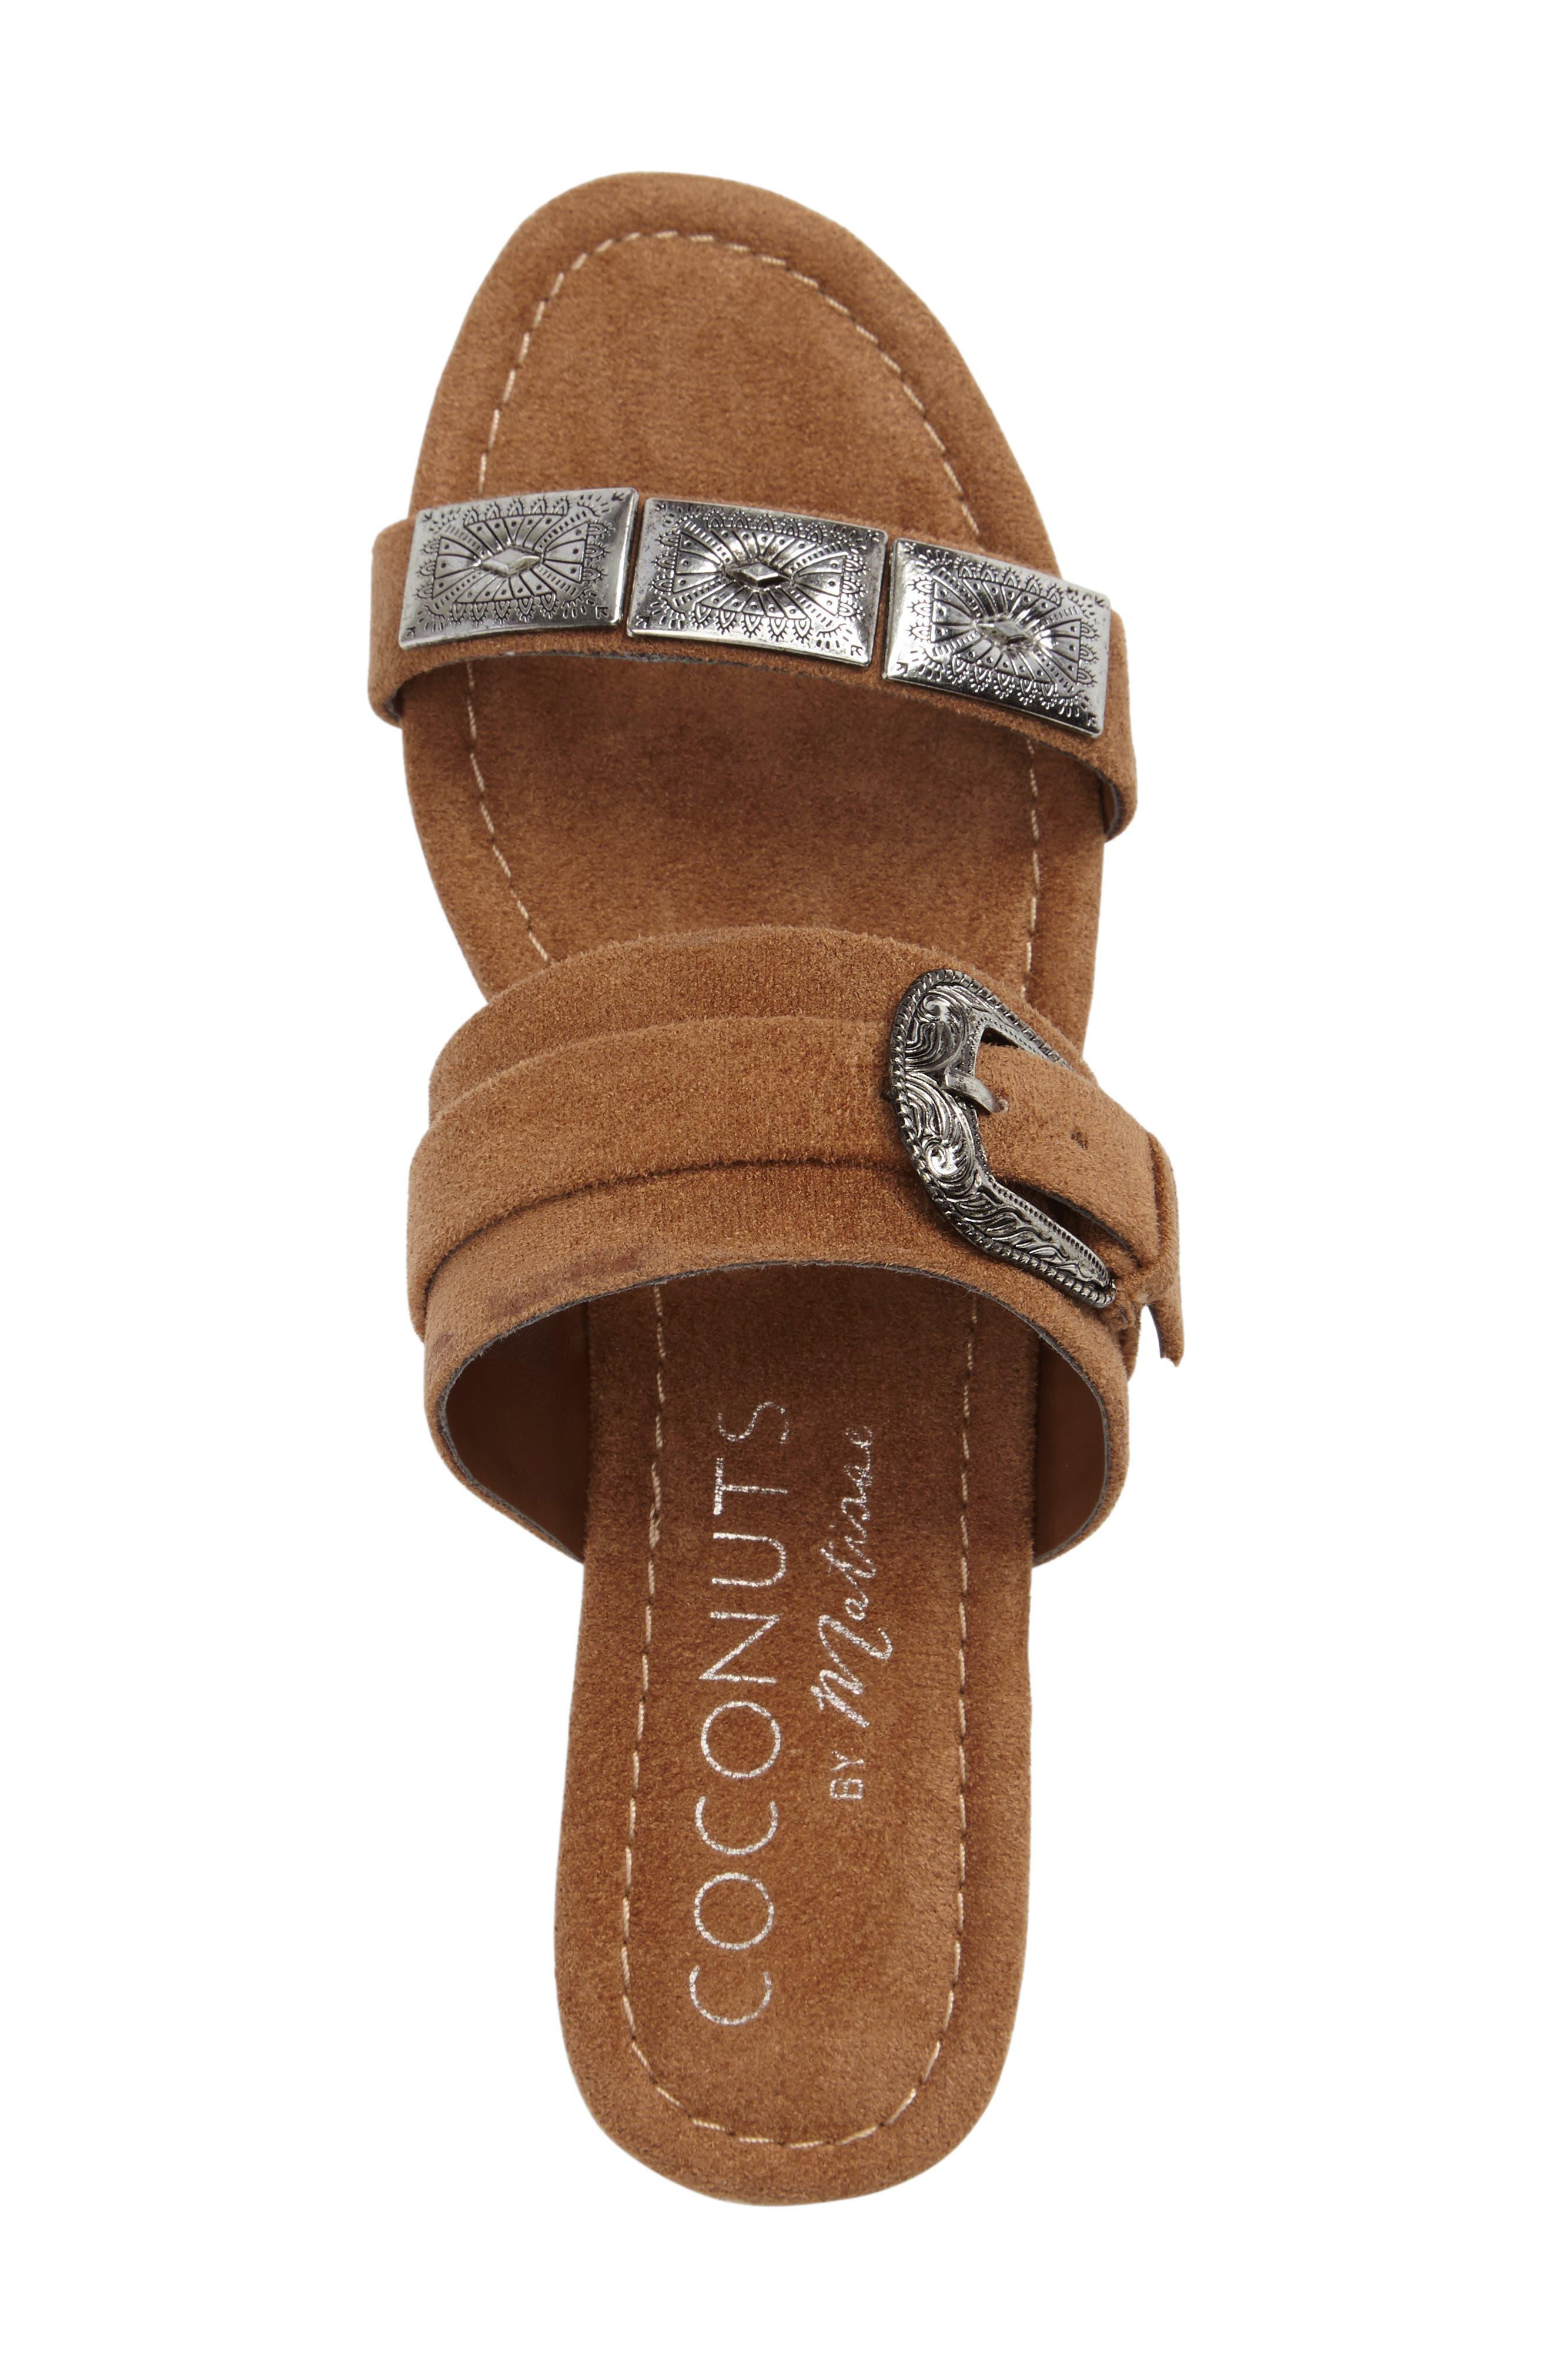 Brantley Buckle Slide Sandal,                             Alternate thumbnail 3, color,                             Saddle Suede